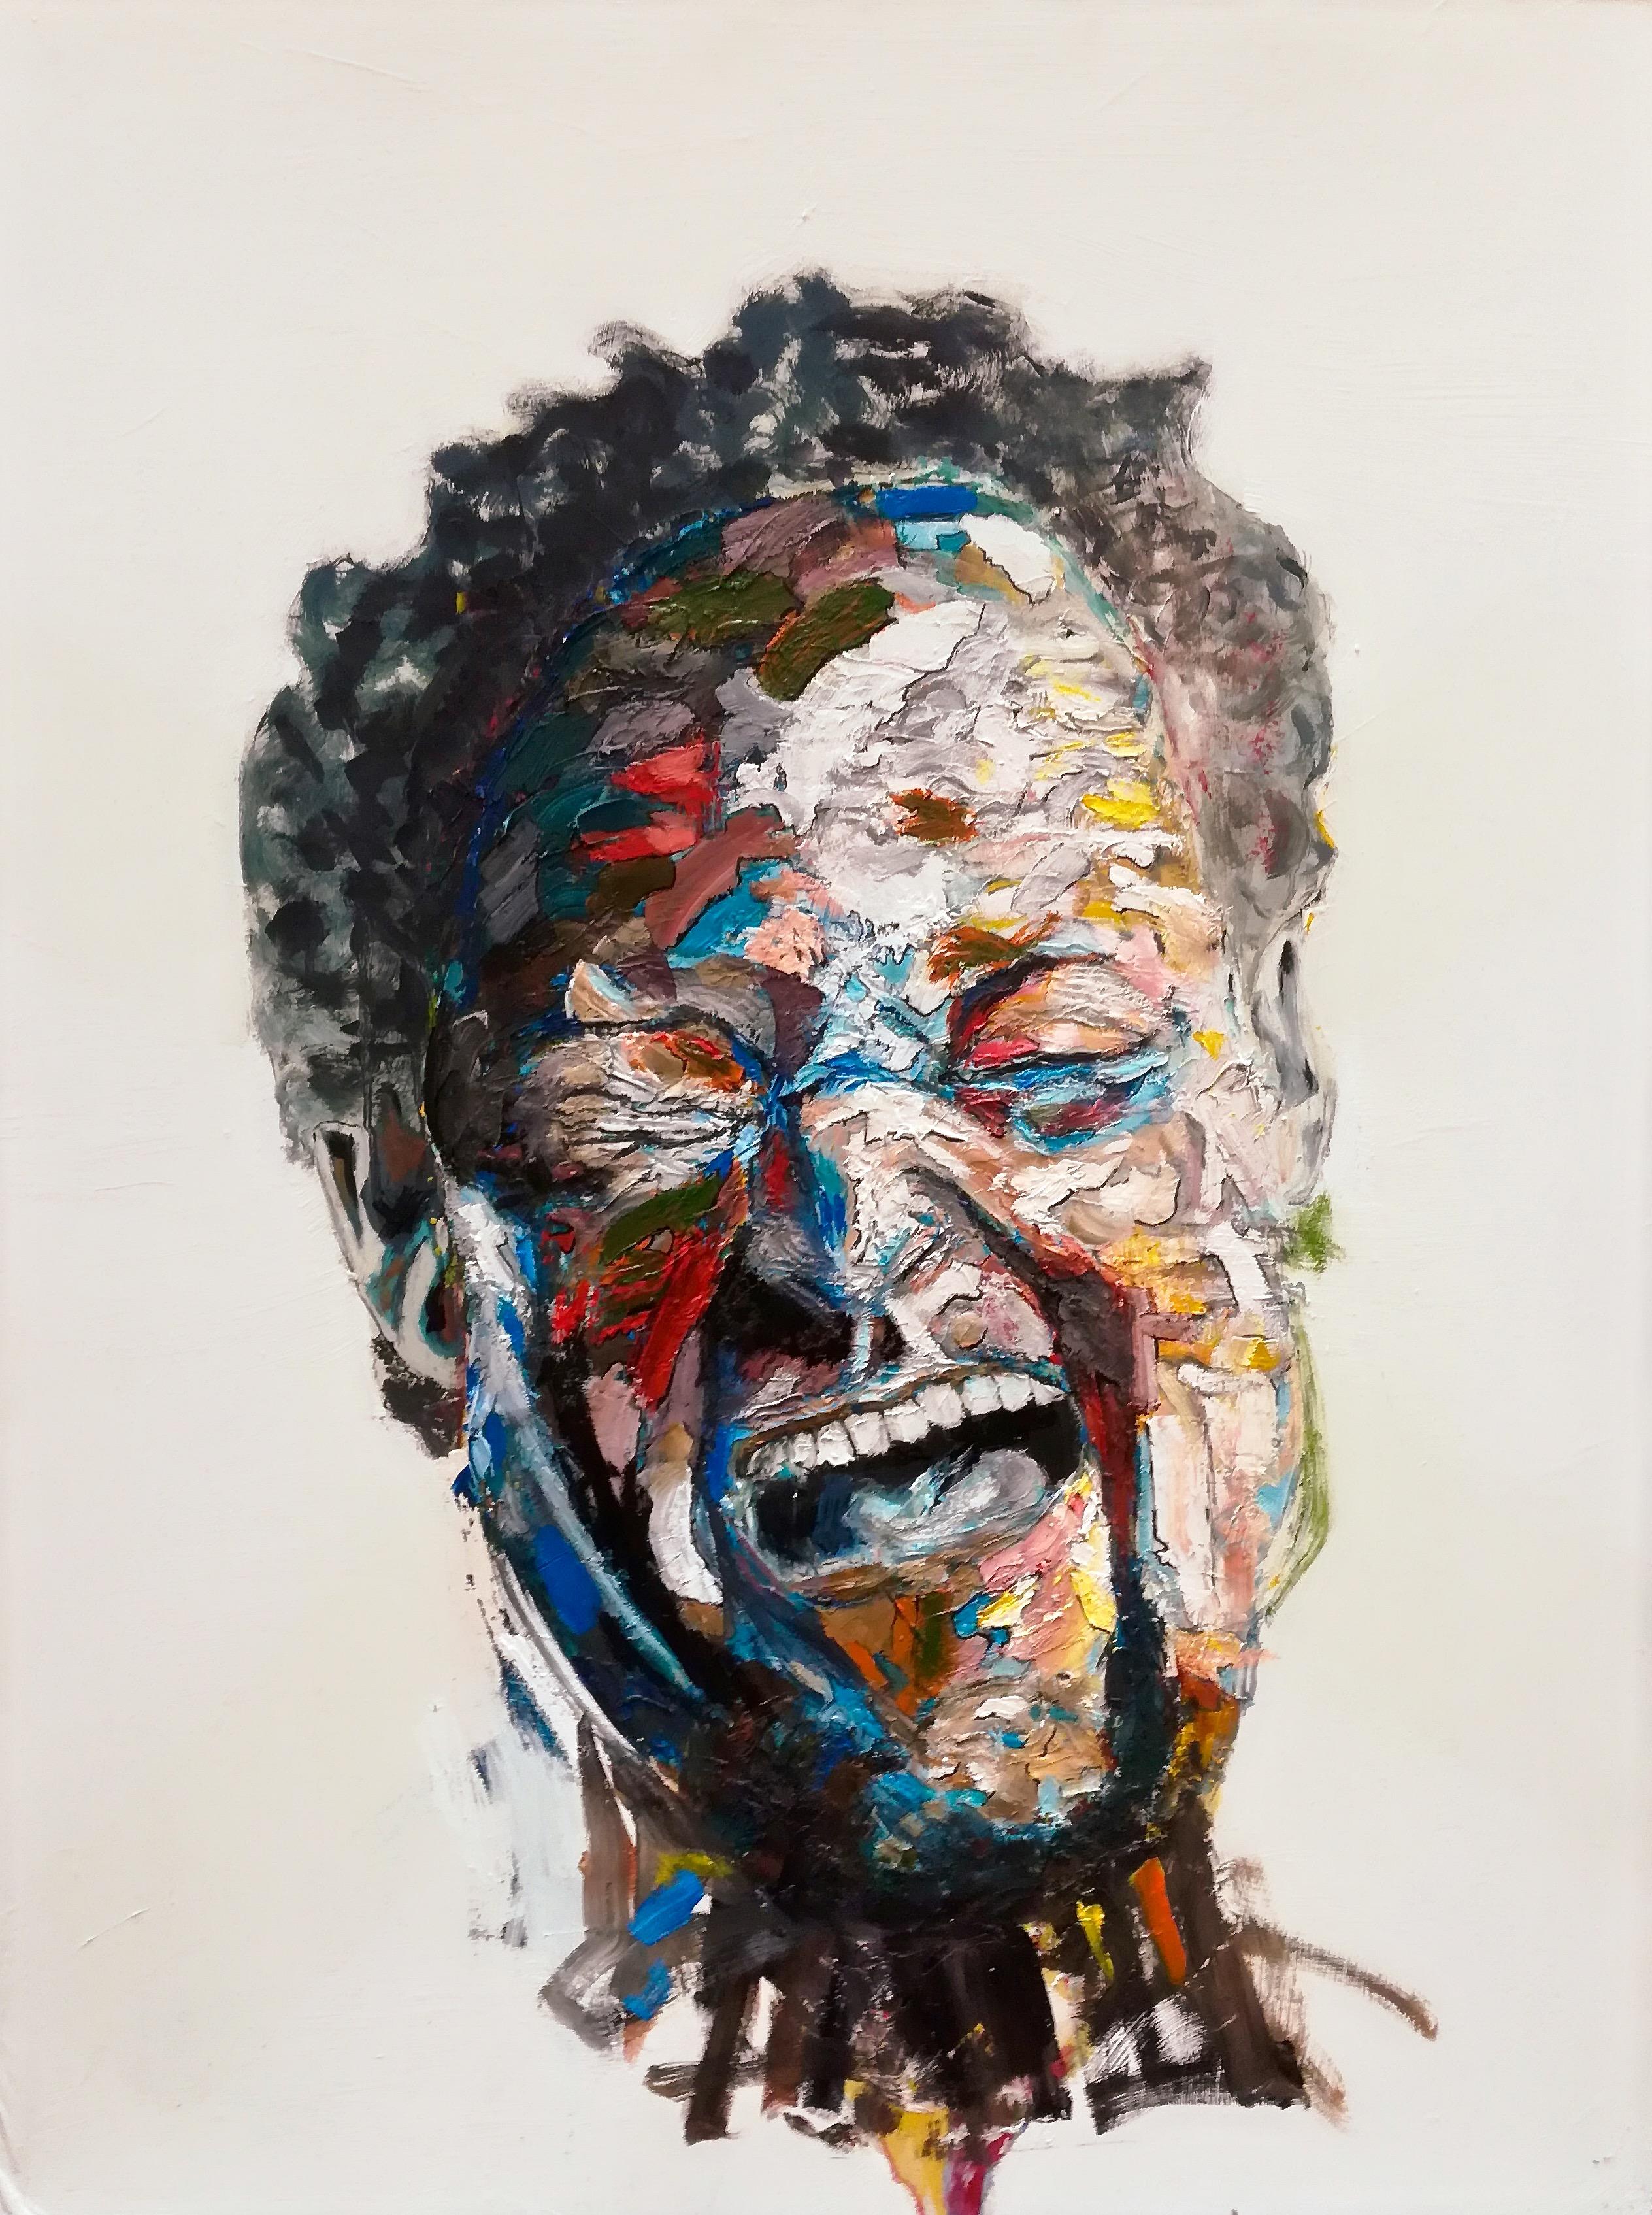 Portrait peint de Henry. Troisième de la série. Expressionniste, taches de peinture, épaisseur. Par Stanmac 2014-2018